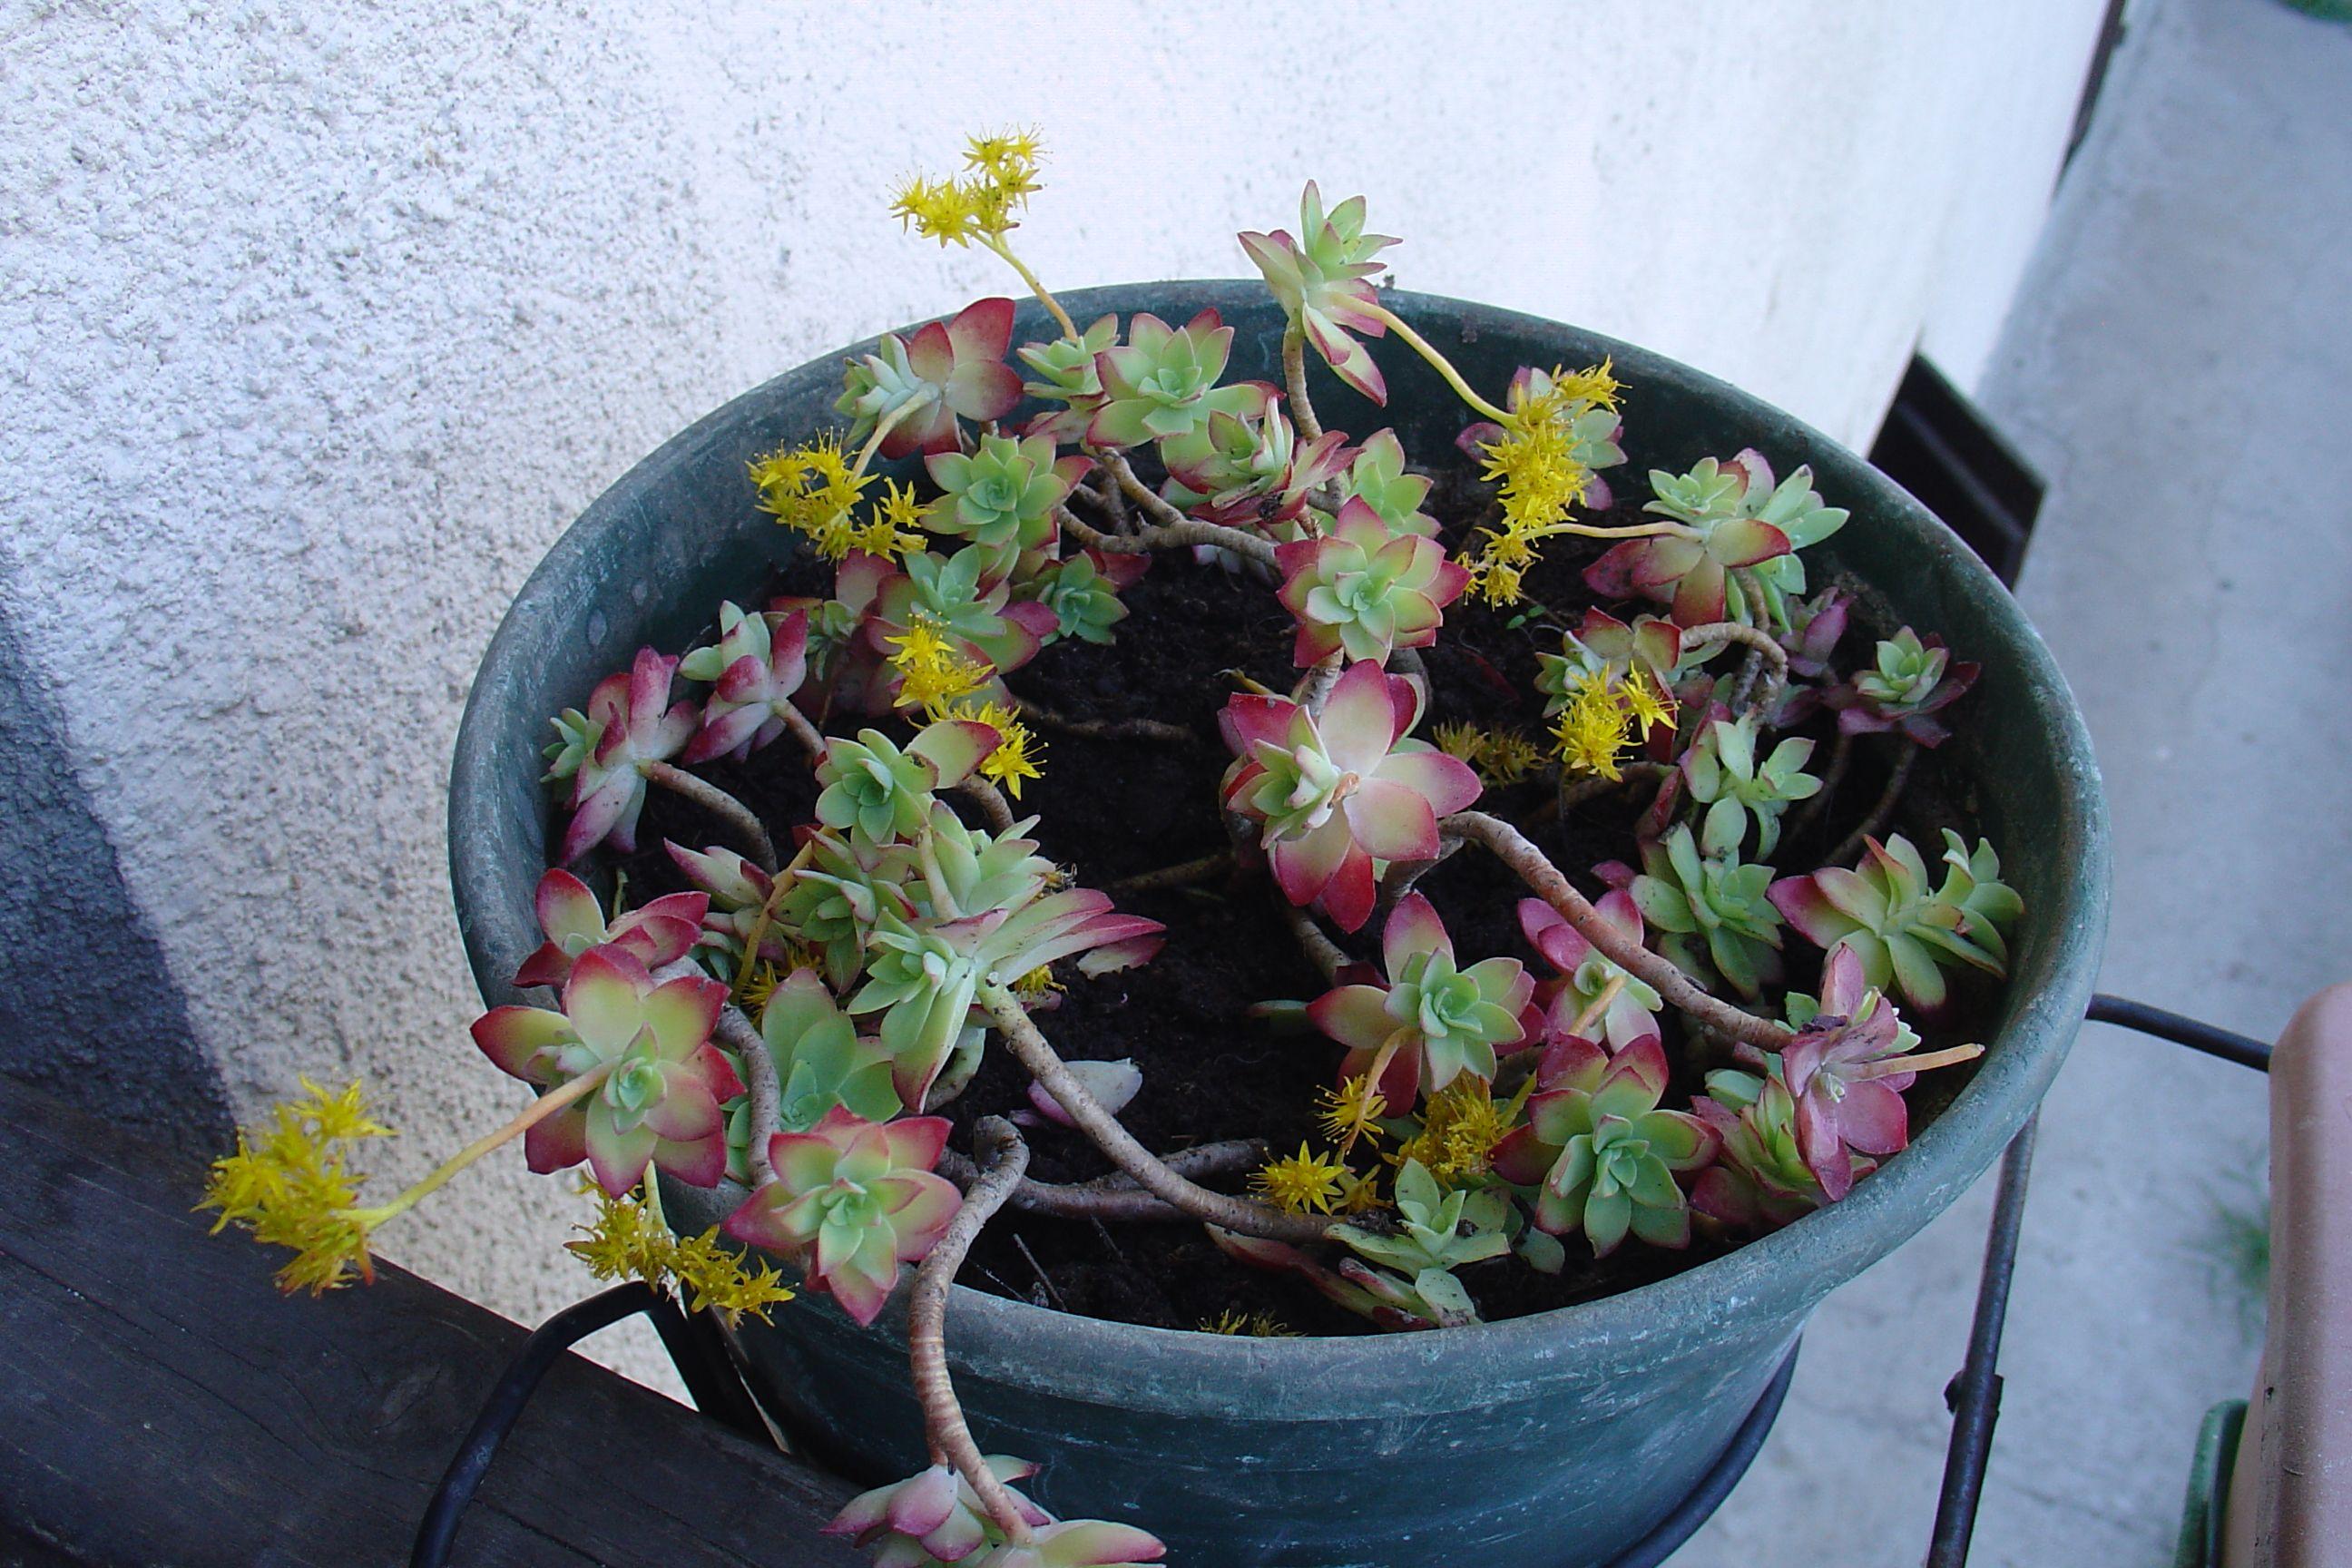 Imperia fiori gialli ce l'ho sul balcone Fiori gialli